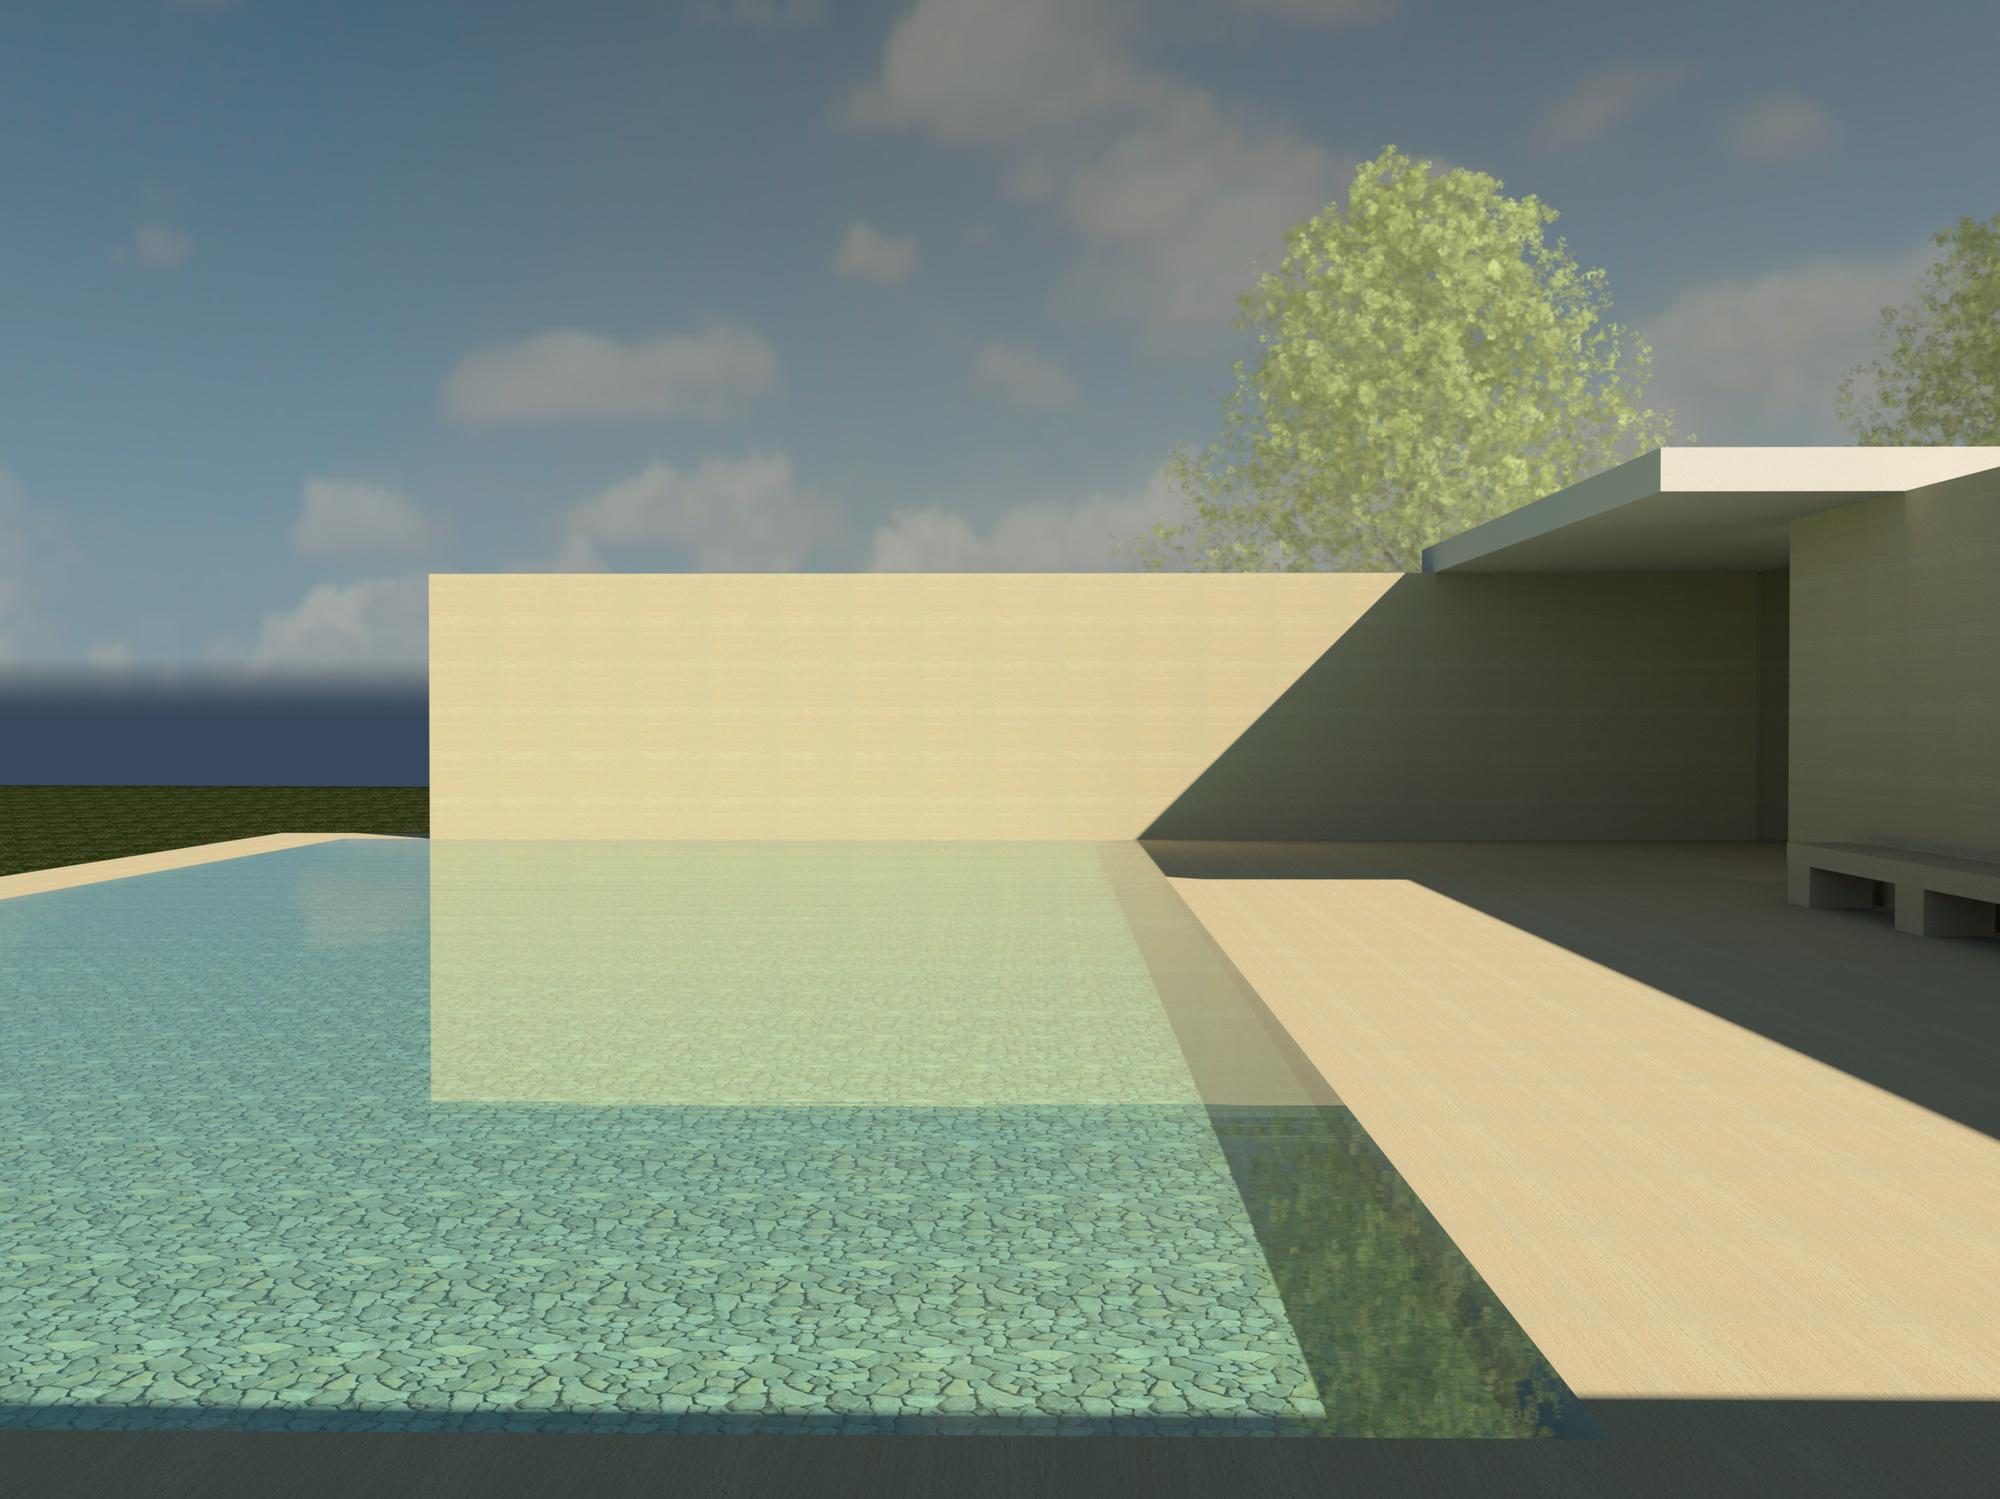 Raas-rendering20150312-28201-74tc7l